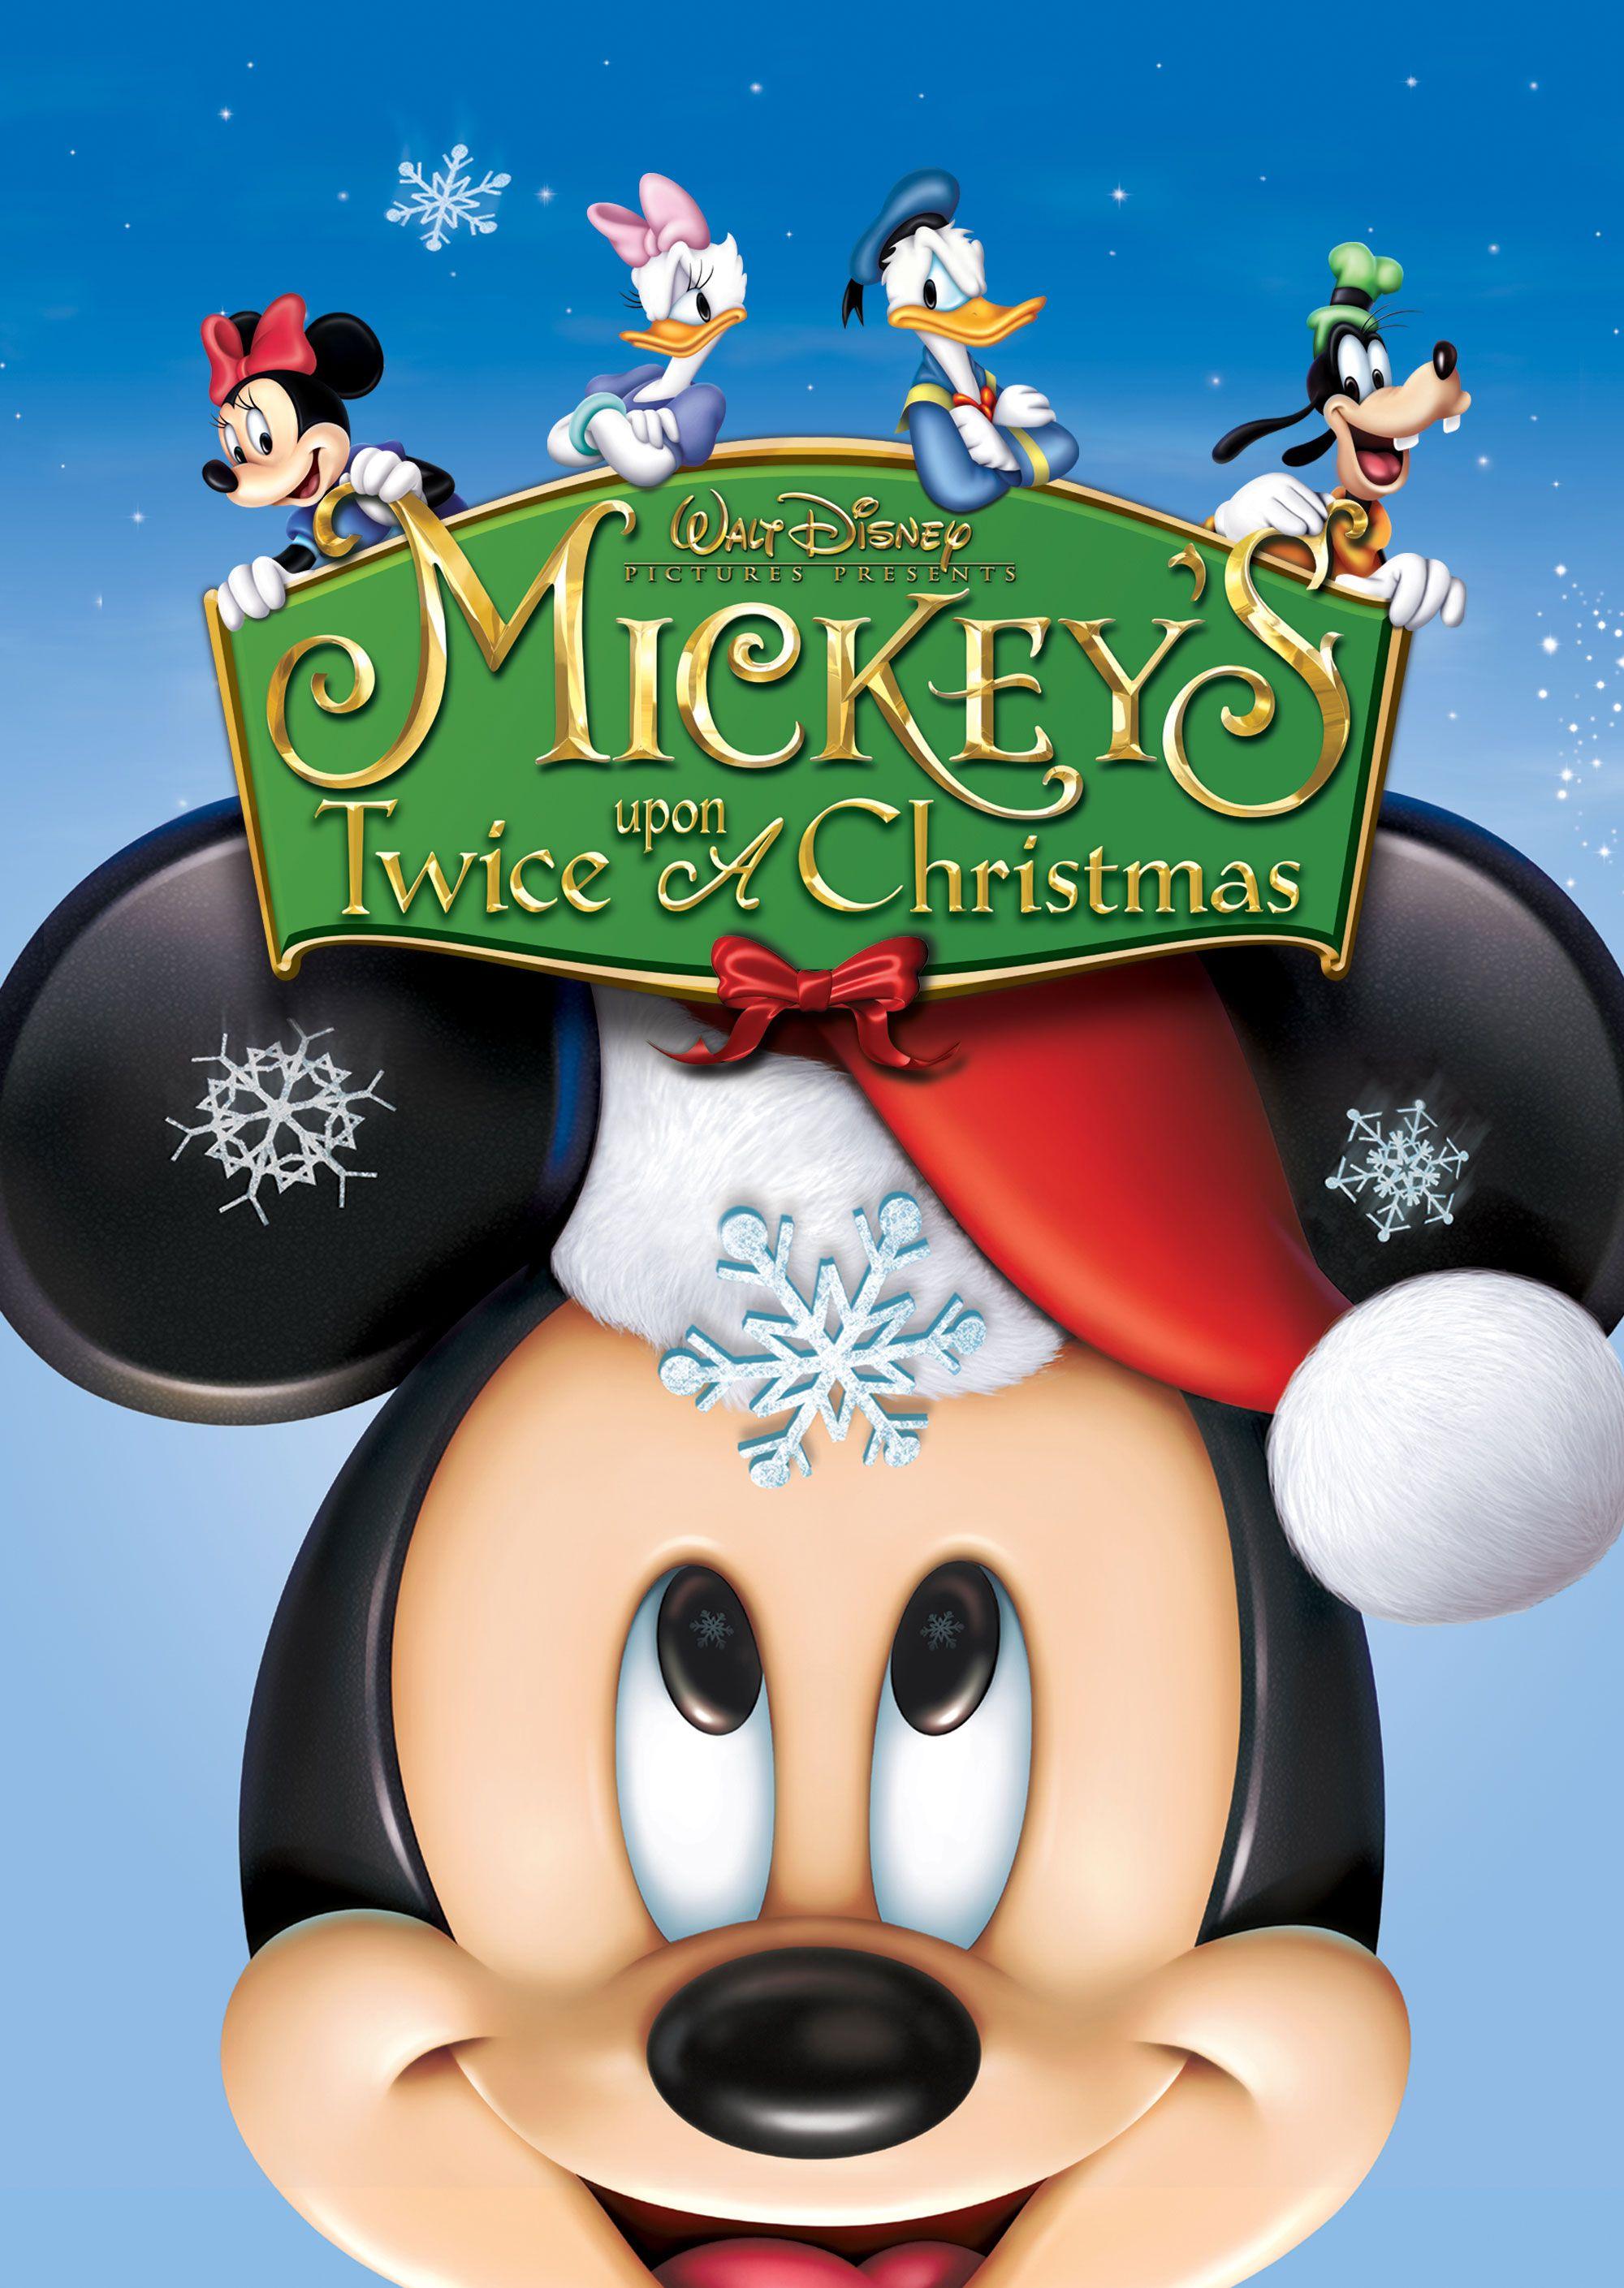 Mickey S Twice Upon A Christmas 12 10 15 Christmas Dvd Christmas Movies Mickey Christmas